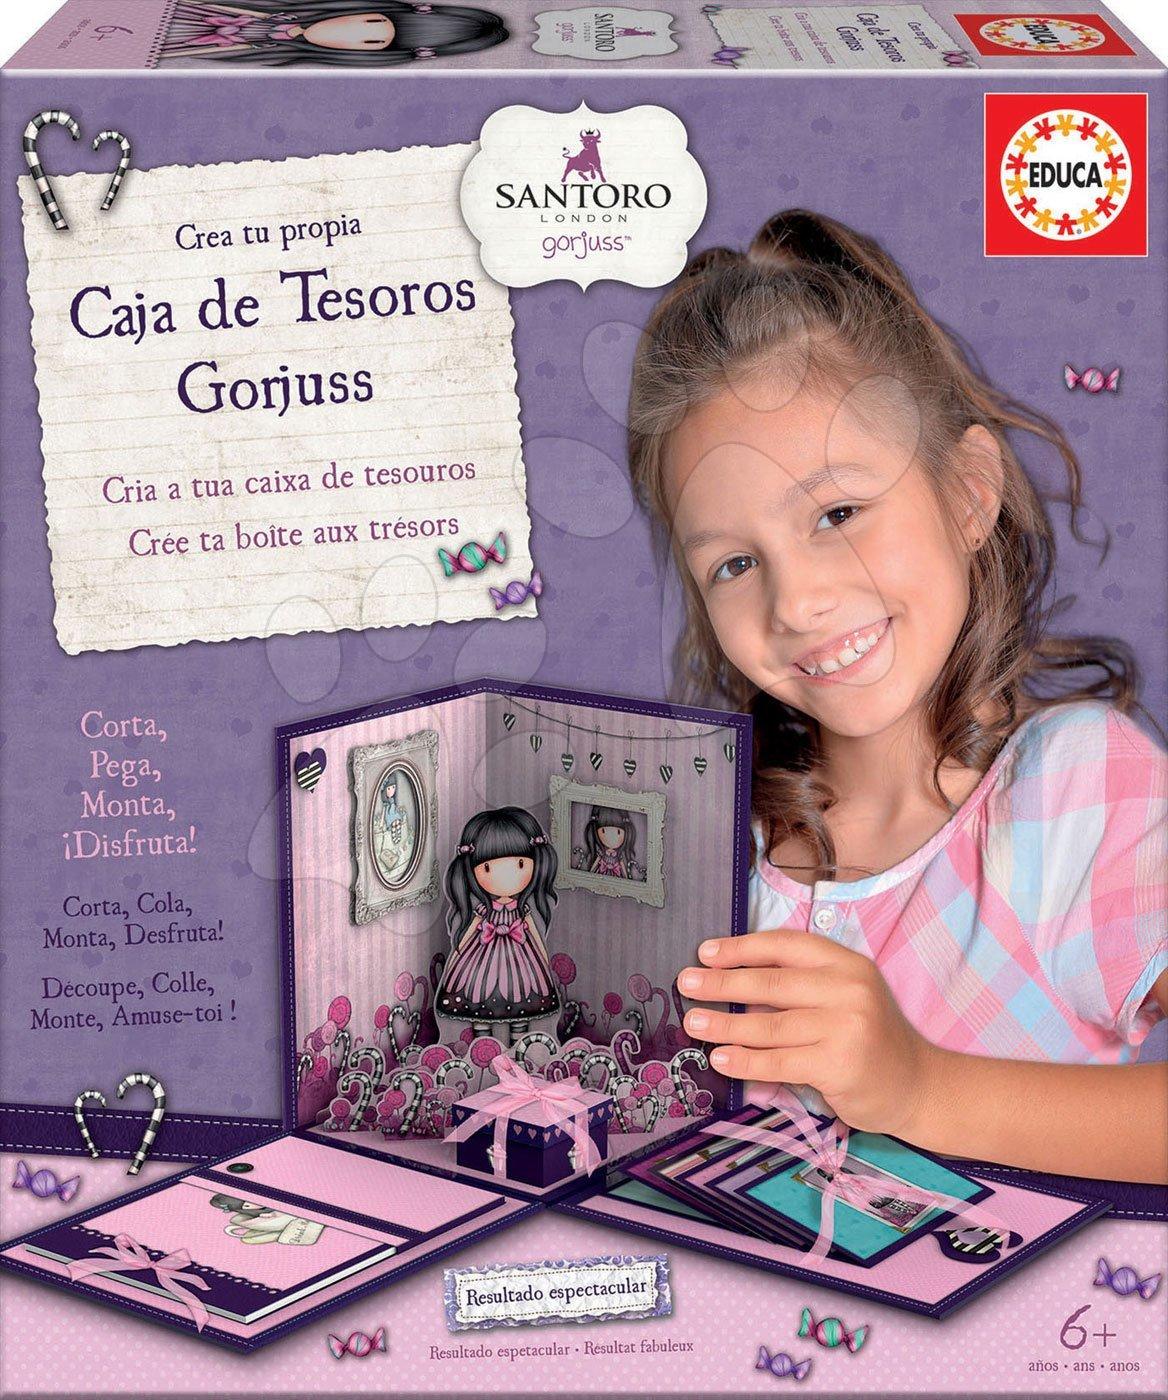 Tajomstvá dievčat Santoro London Gorjuss Educa pre šikuľky od 6 rokov